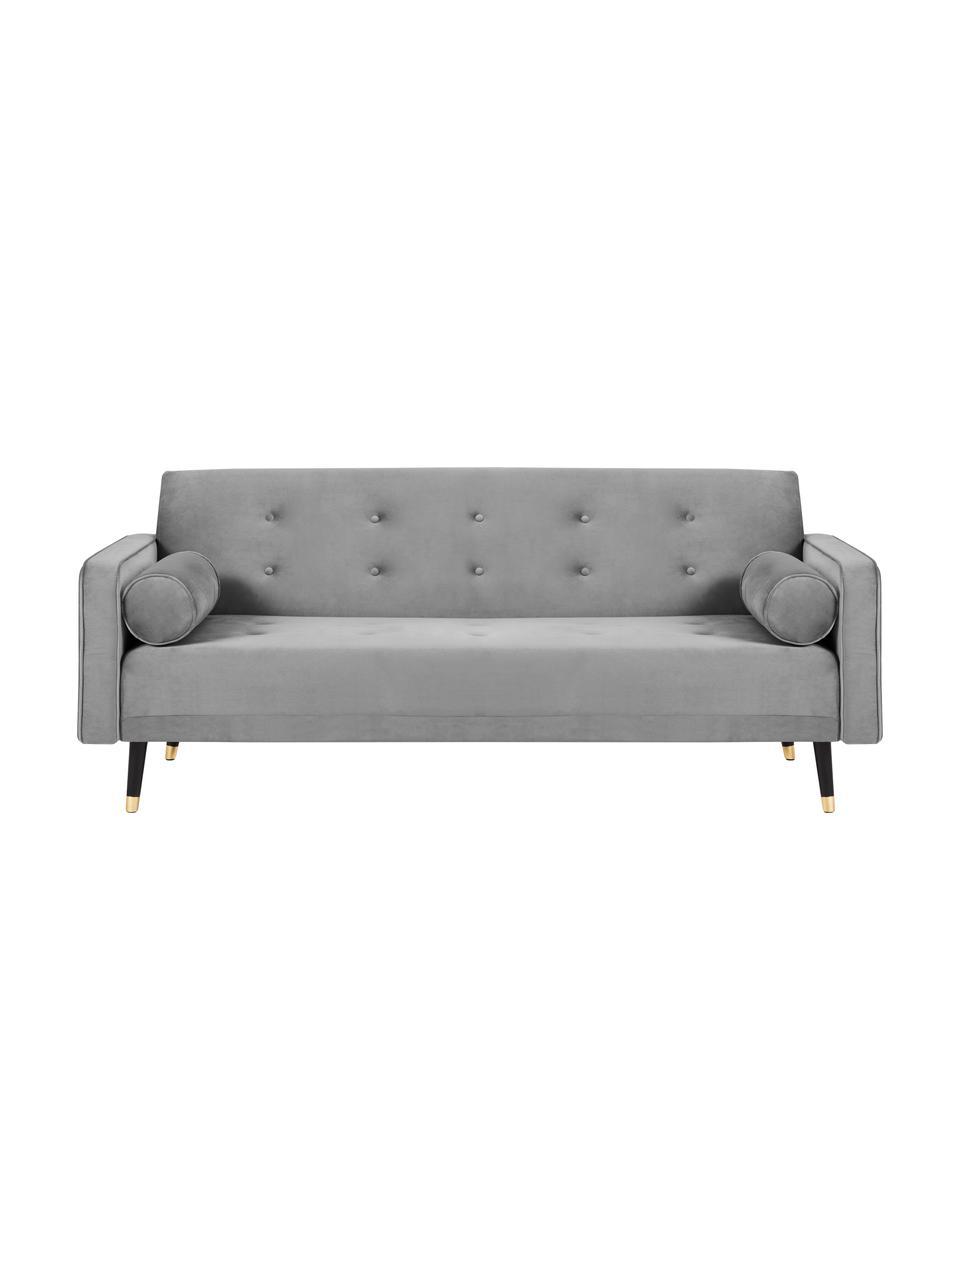 Sofa z aksamitu z funkcją spania Gia (3-osobowa), Tapicerka: aksamit poliestrowy Dzięk, Nogi: drewno bukowe, lakierowan, Aksamitny jasny szary, S 212 x G 93 cm